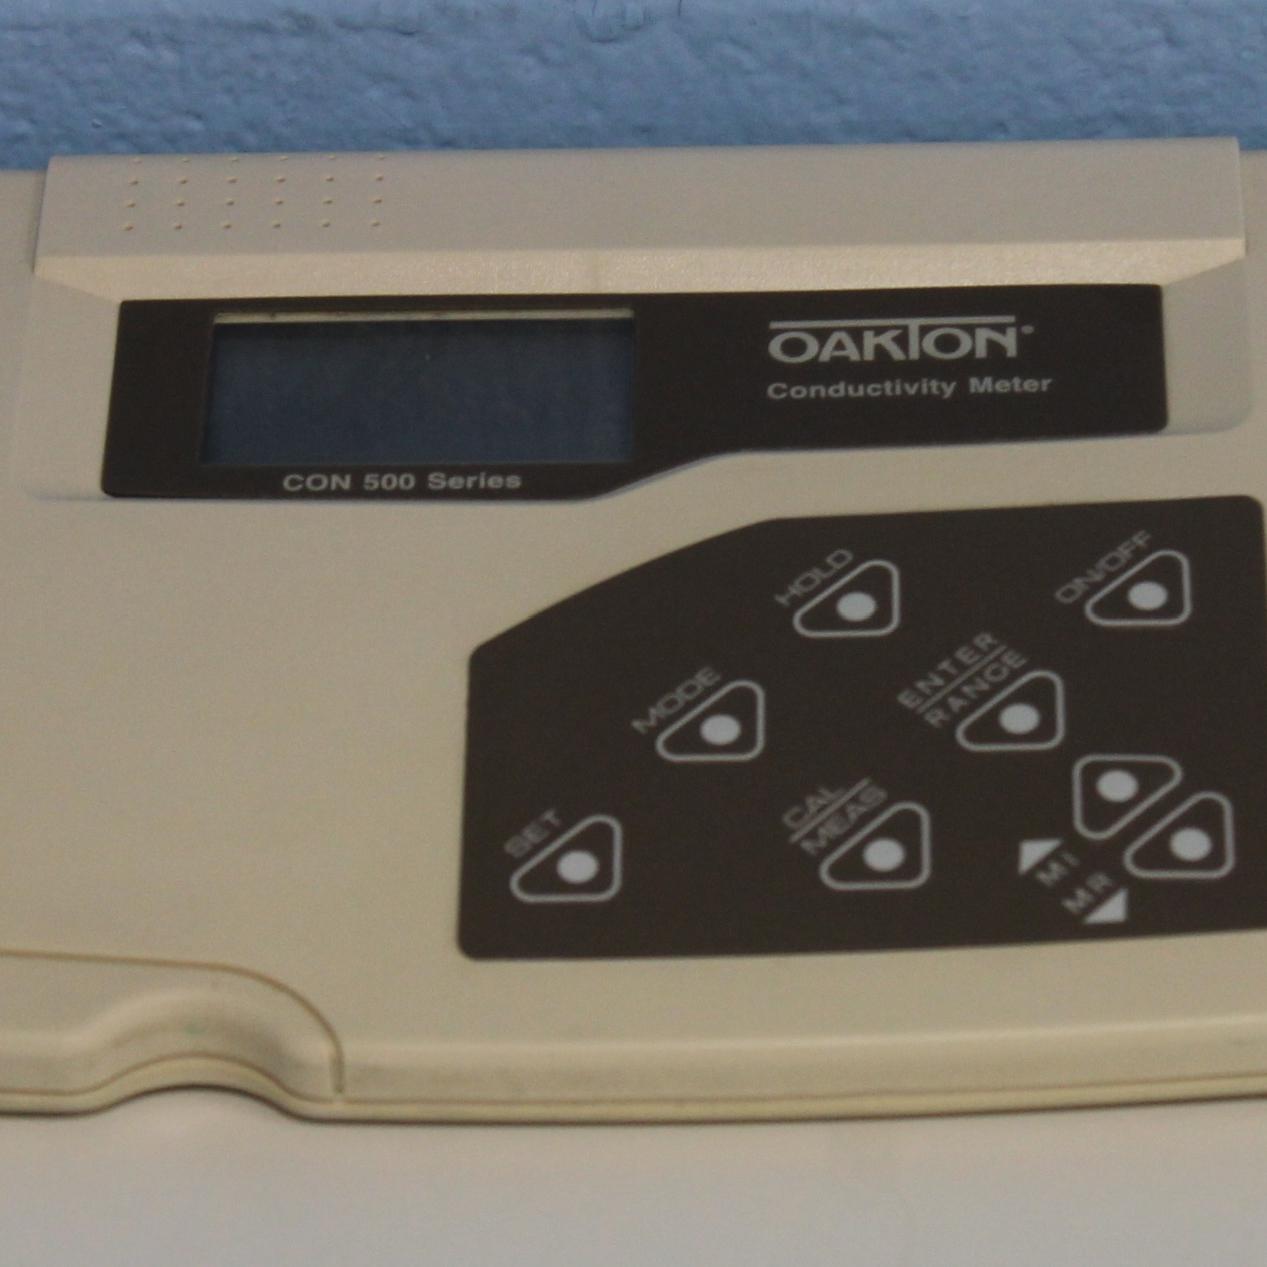 Oakton CON 500 Benchtop Conductivity Meter Image